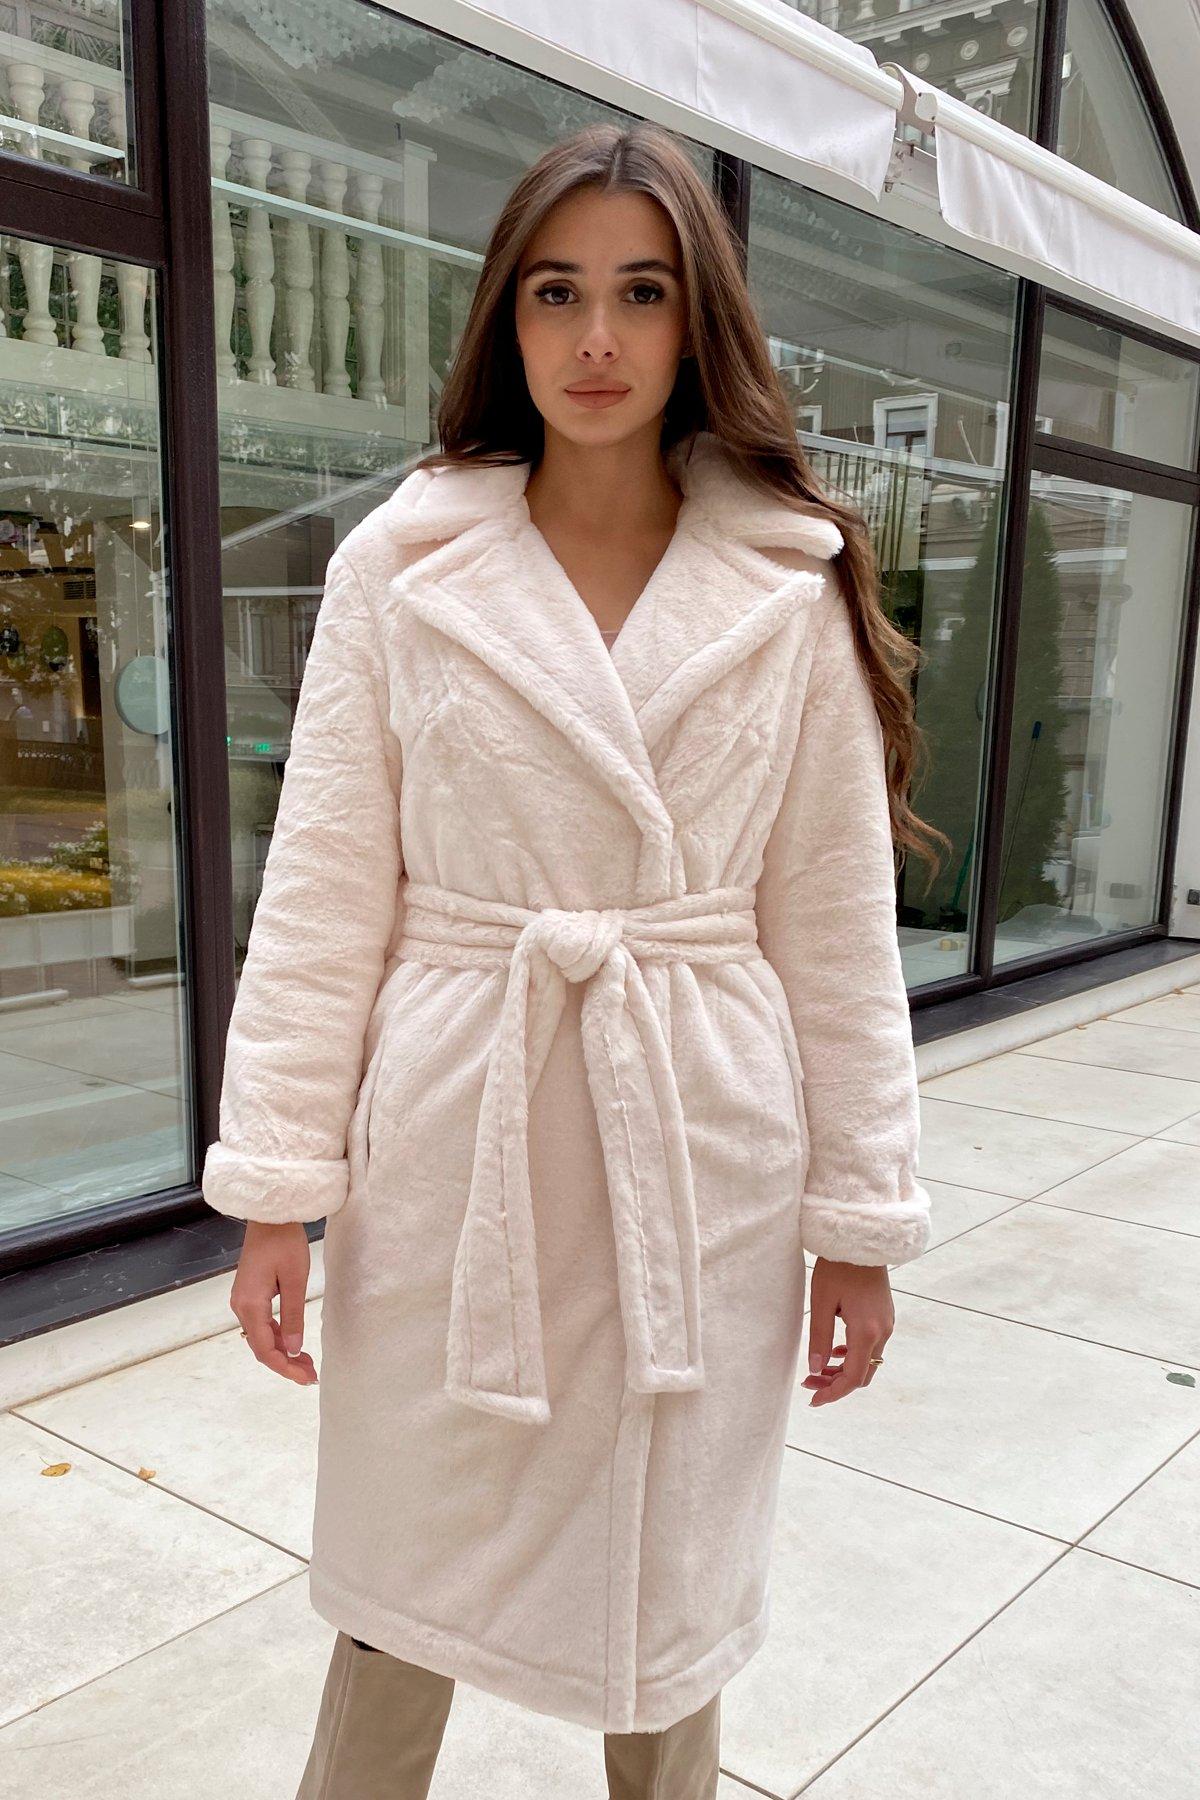 Зимнее пальто из искусственного меха норки Саманта 8641 АРТ. 44957 Цвет: Молоко - фото 15, интернет магазин tm-modus.ru